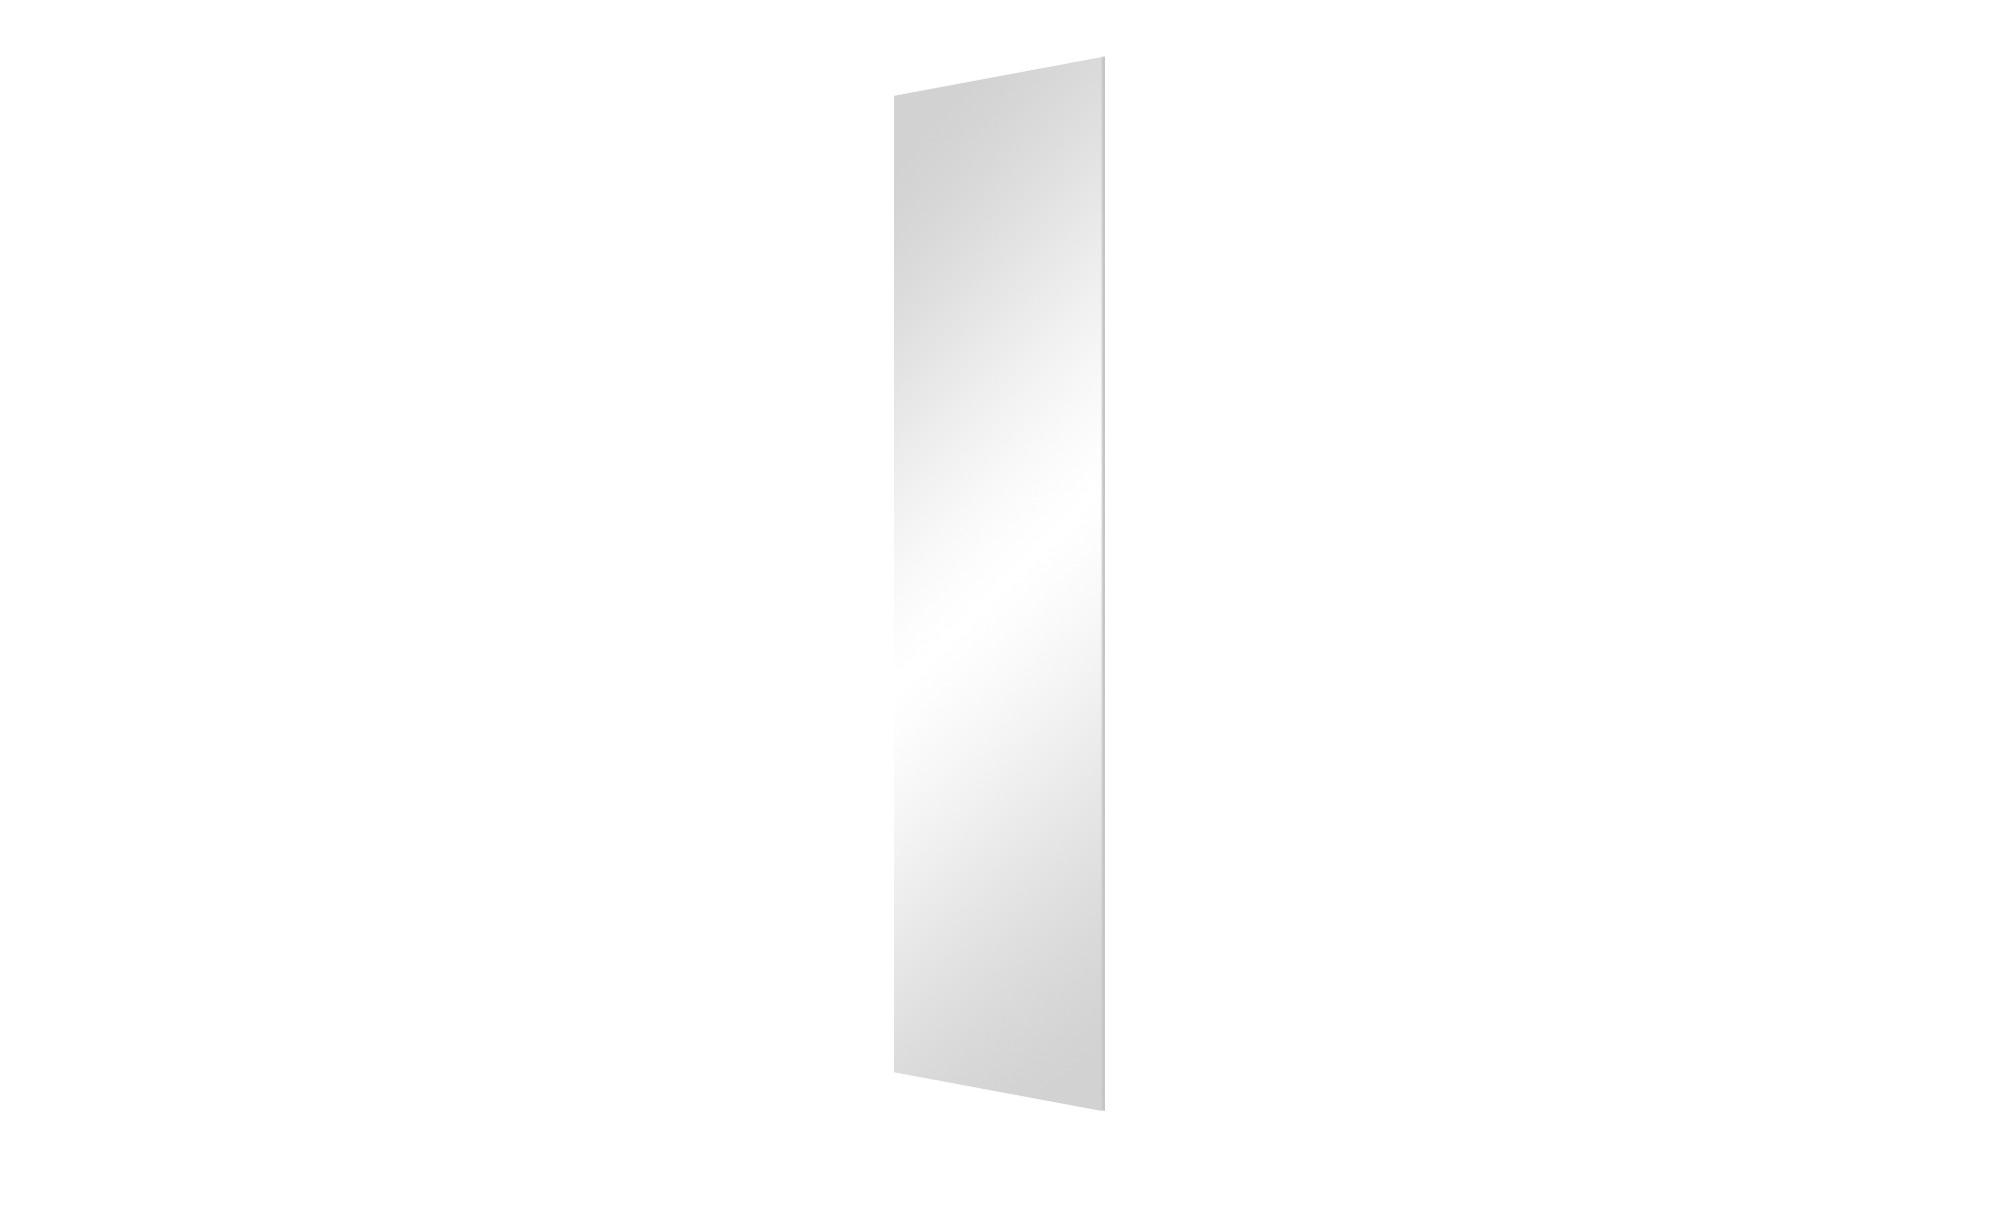 Spiegel Maddox ¦ transparent/klar ¦ Maße (cm): B: 35 H: 184 T: 0,3 Schränke  > Badschränke > Badezimmerspiegel - Höffner